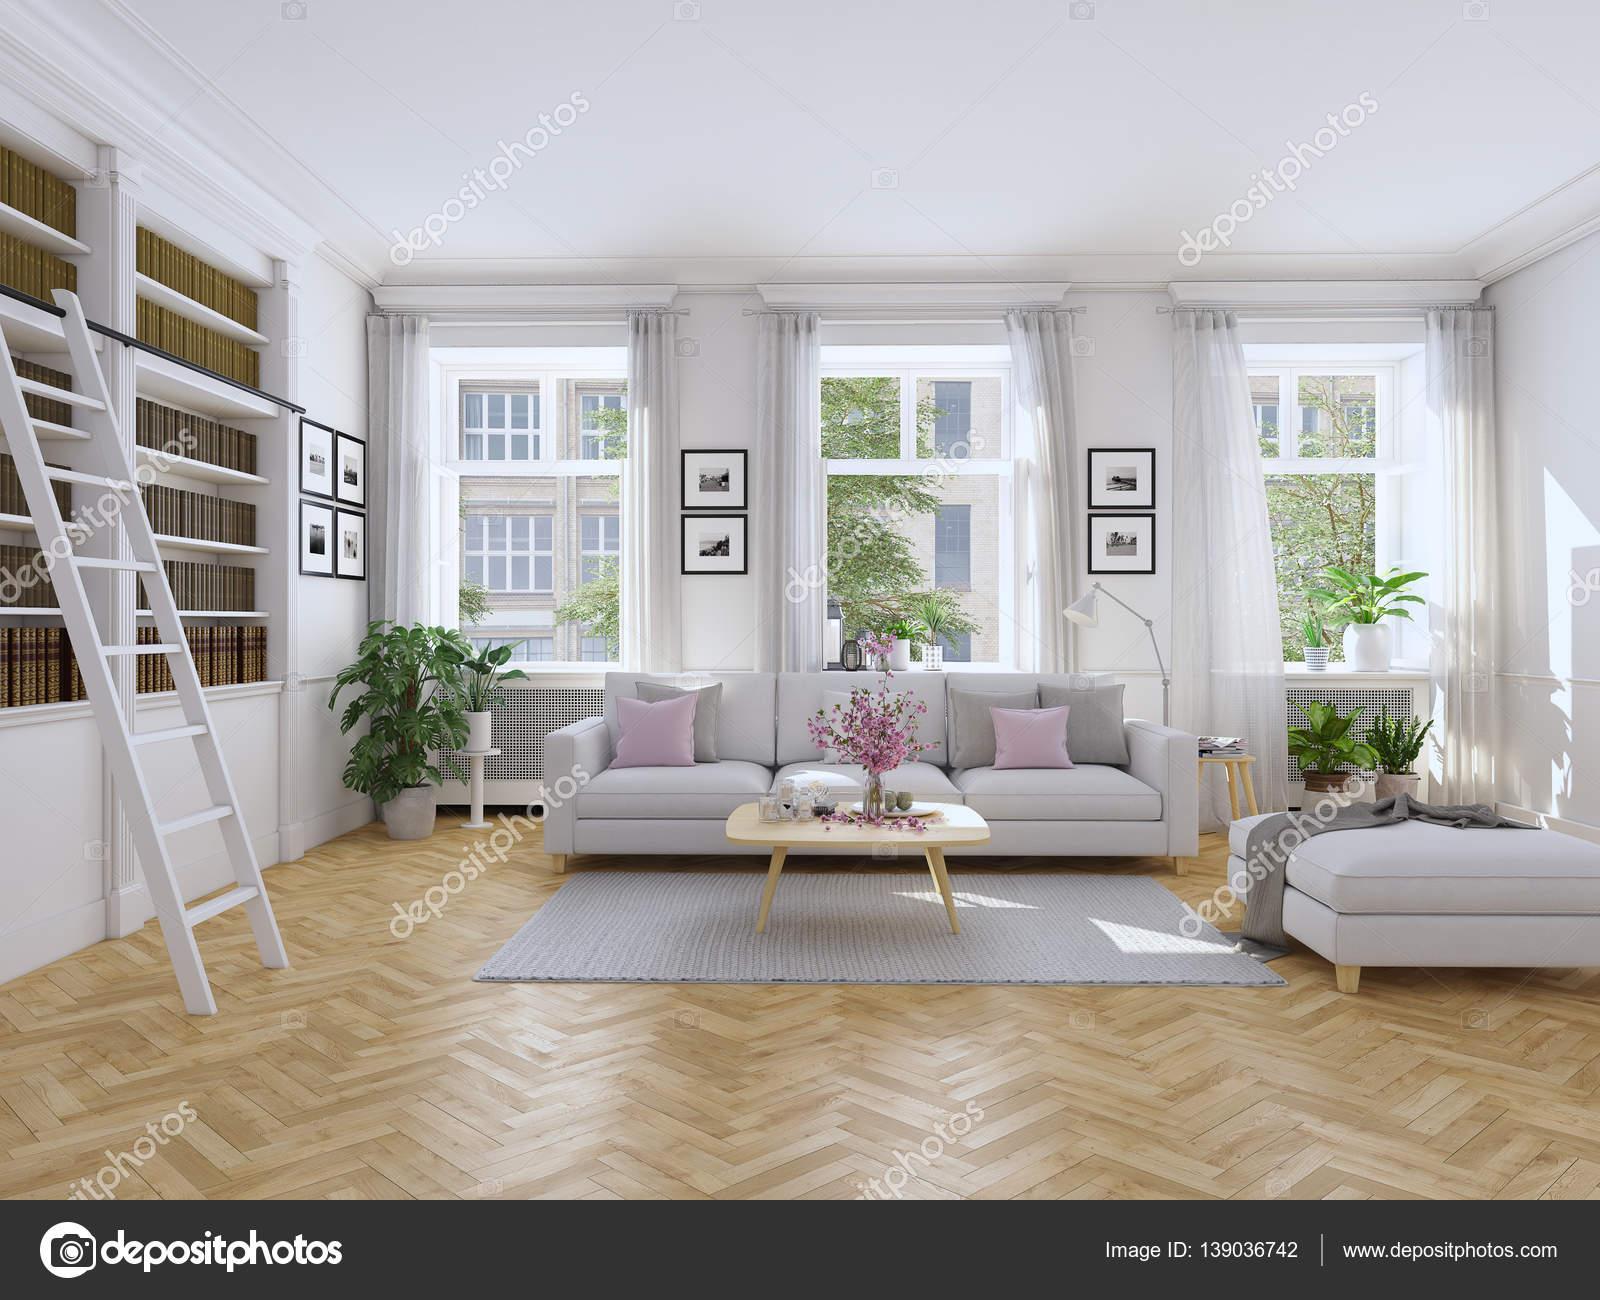 Nowoczesny salon w kamienicy renderowania 3d zdj cie for Wohnzimmer klassisch einrichten